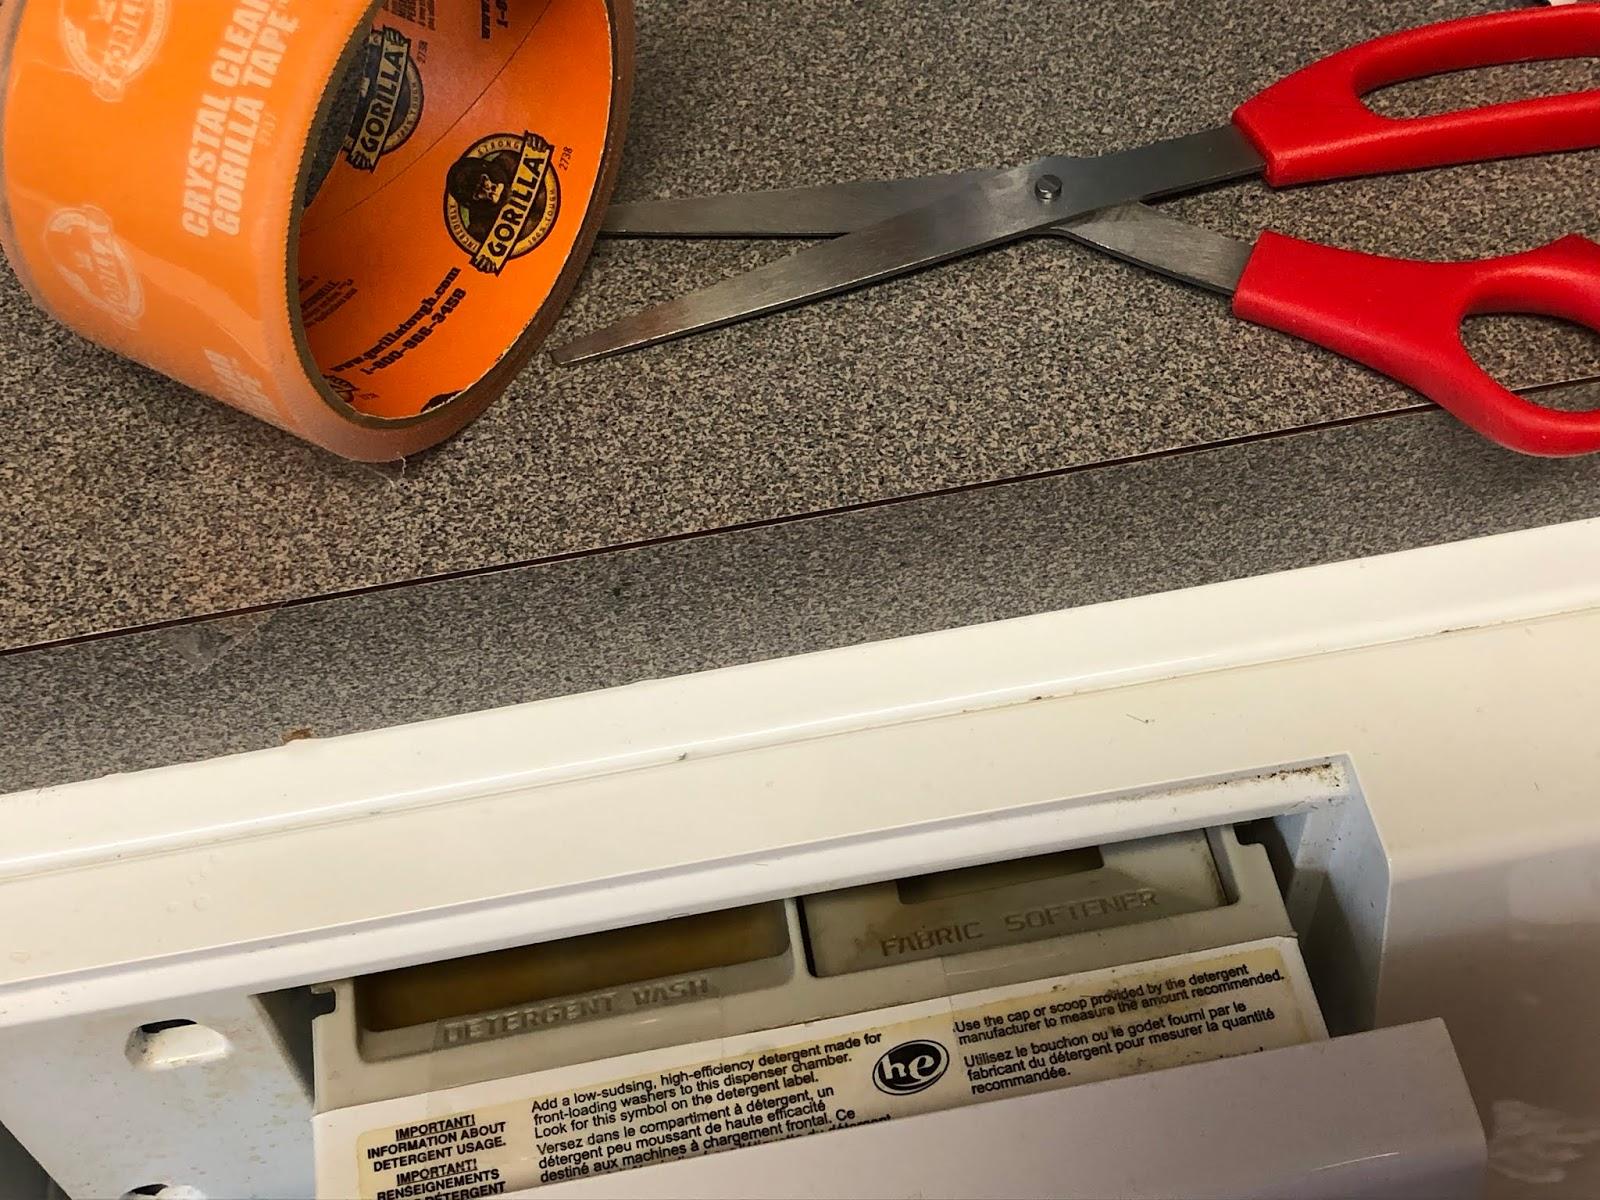 Ms. Nancy's Nook : Washing Machine - Repair or Buy?